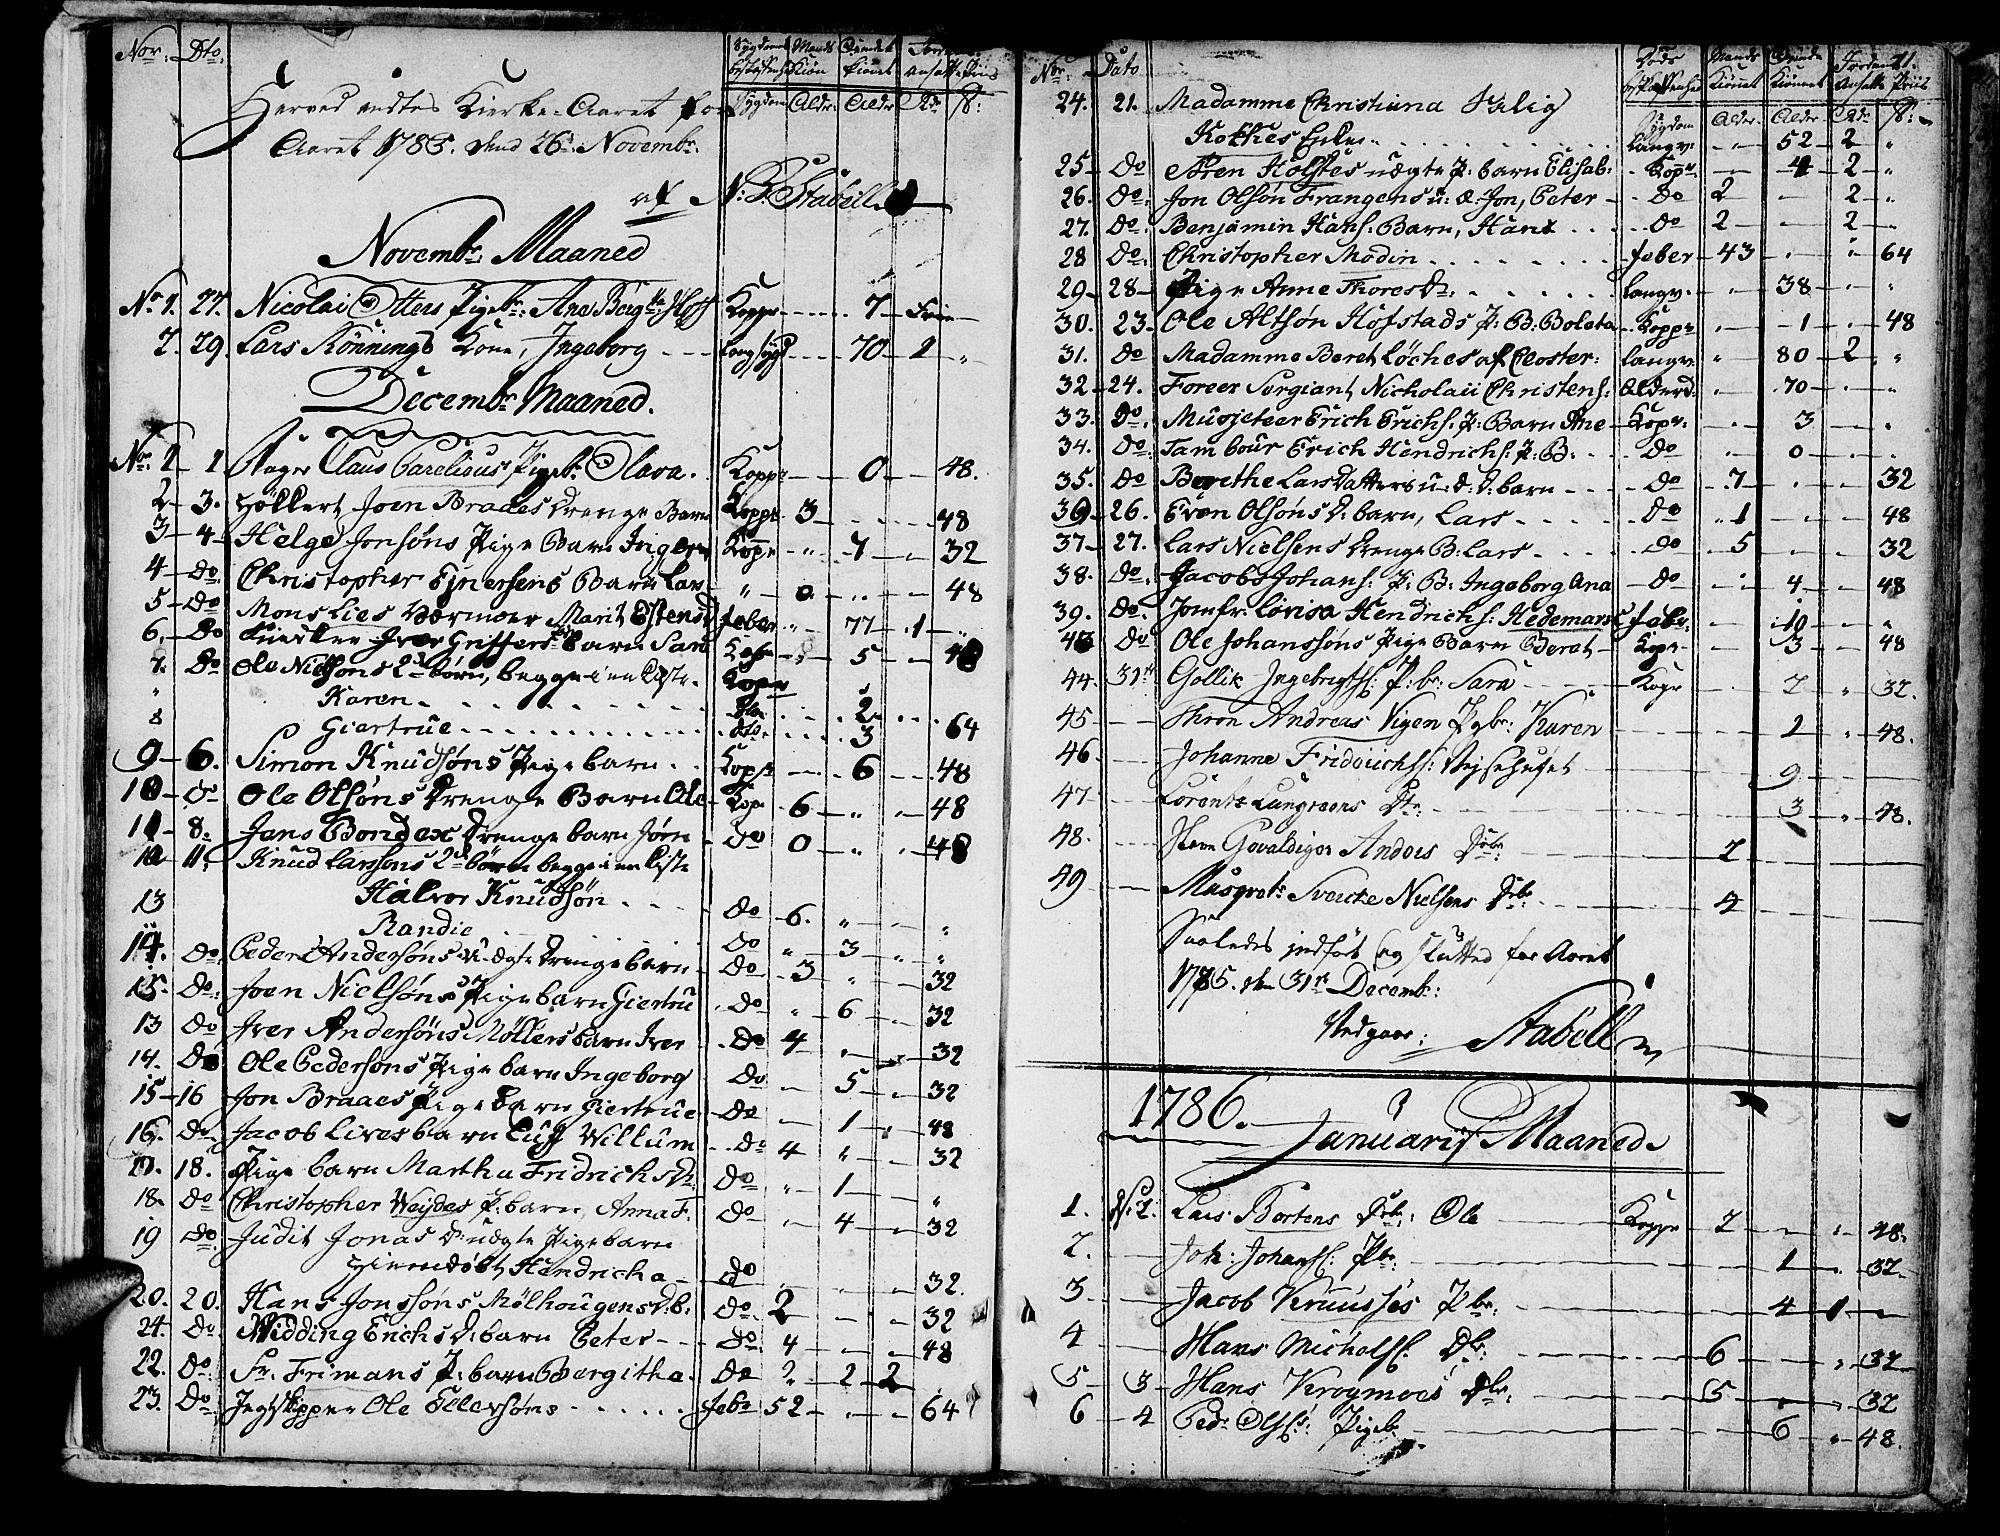 SAT, Ministerialprotokoller, klokkerbøker og fødselsregistre - Sør-Trøndelag, 601/L0040: Ministerialbok nr. 601A08, 1783-1818, s. 11